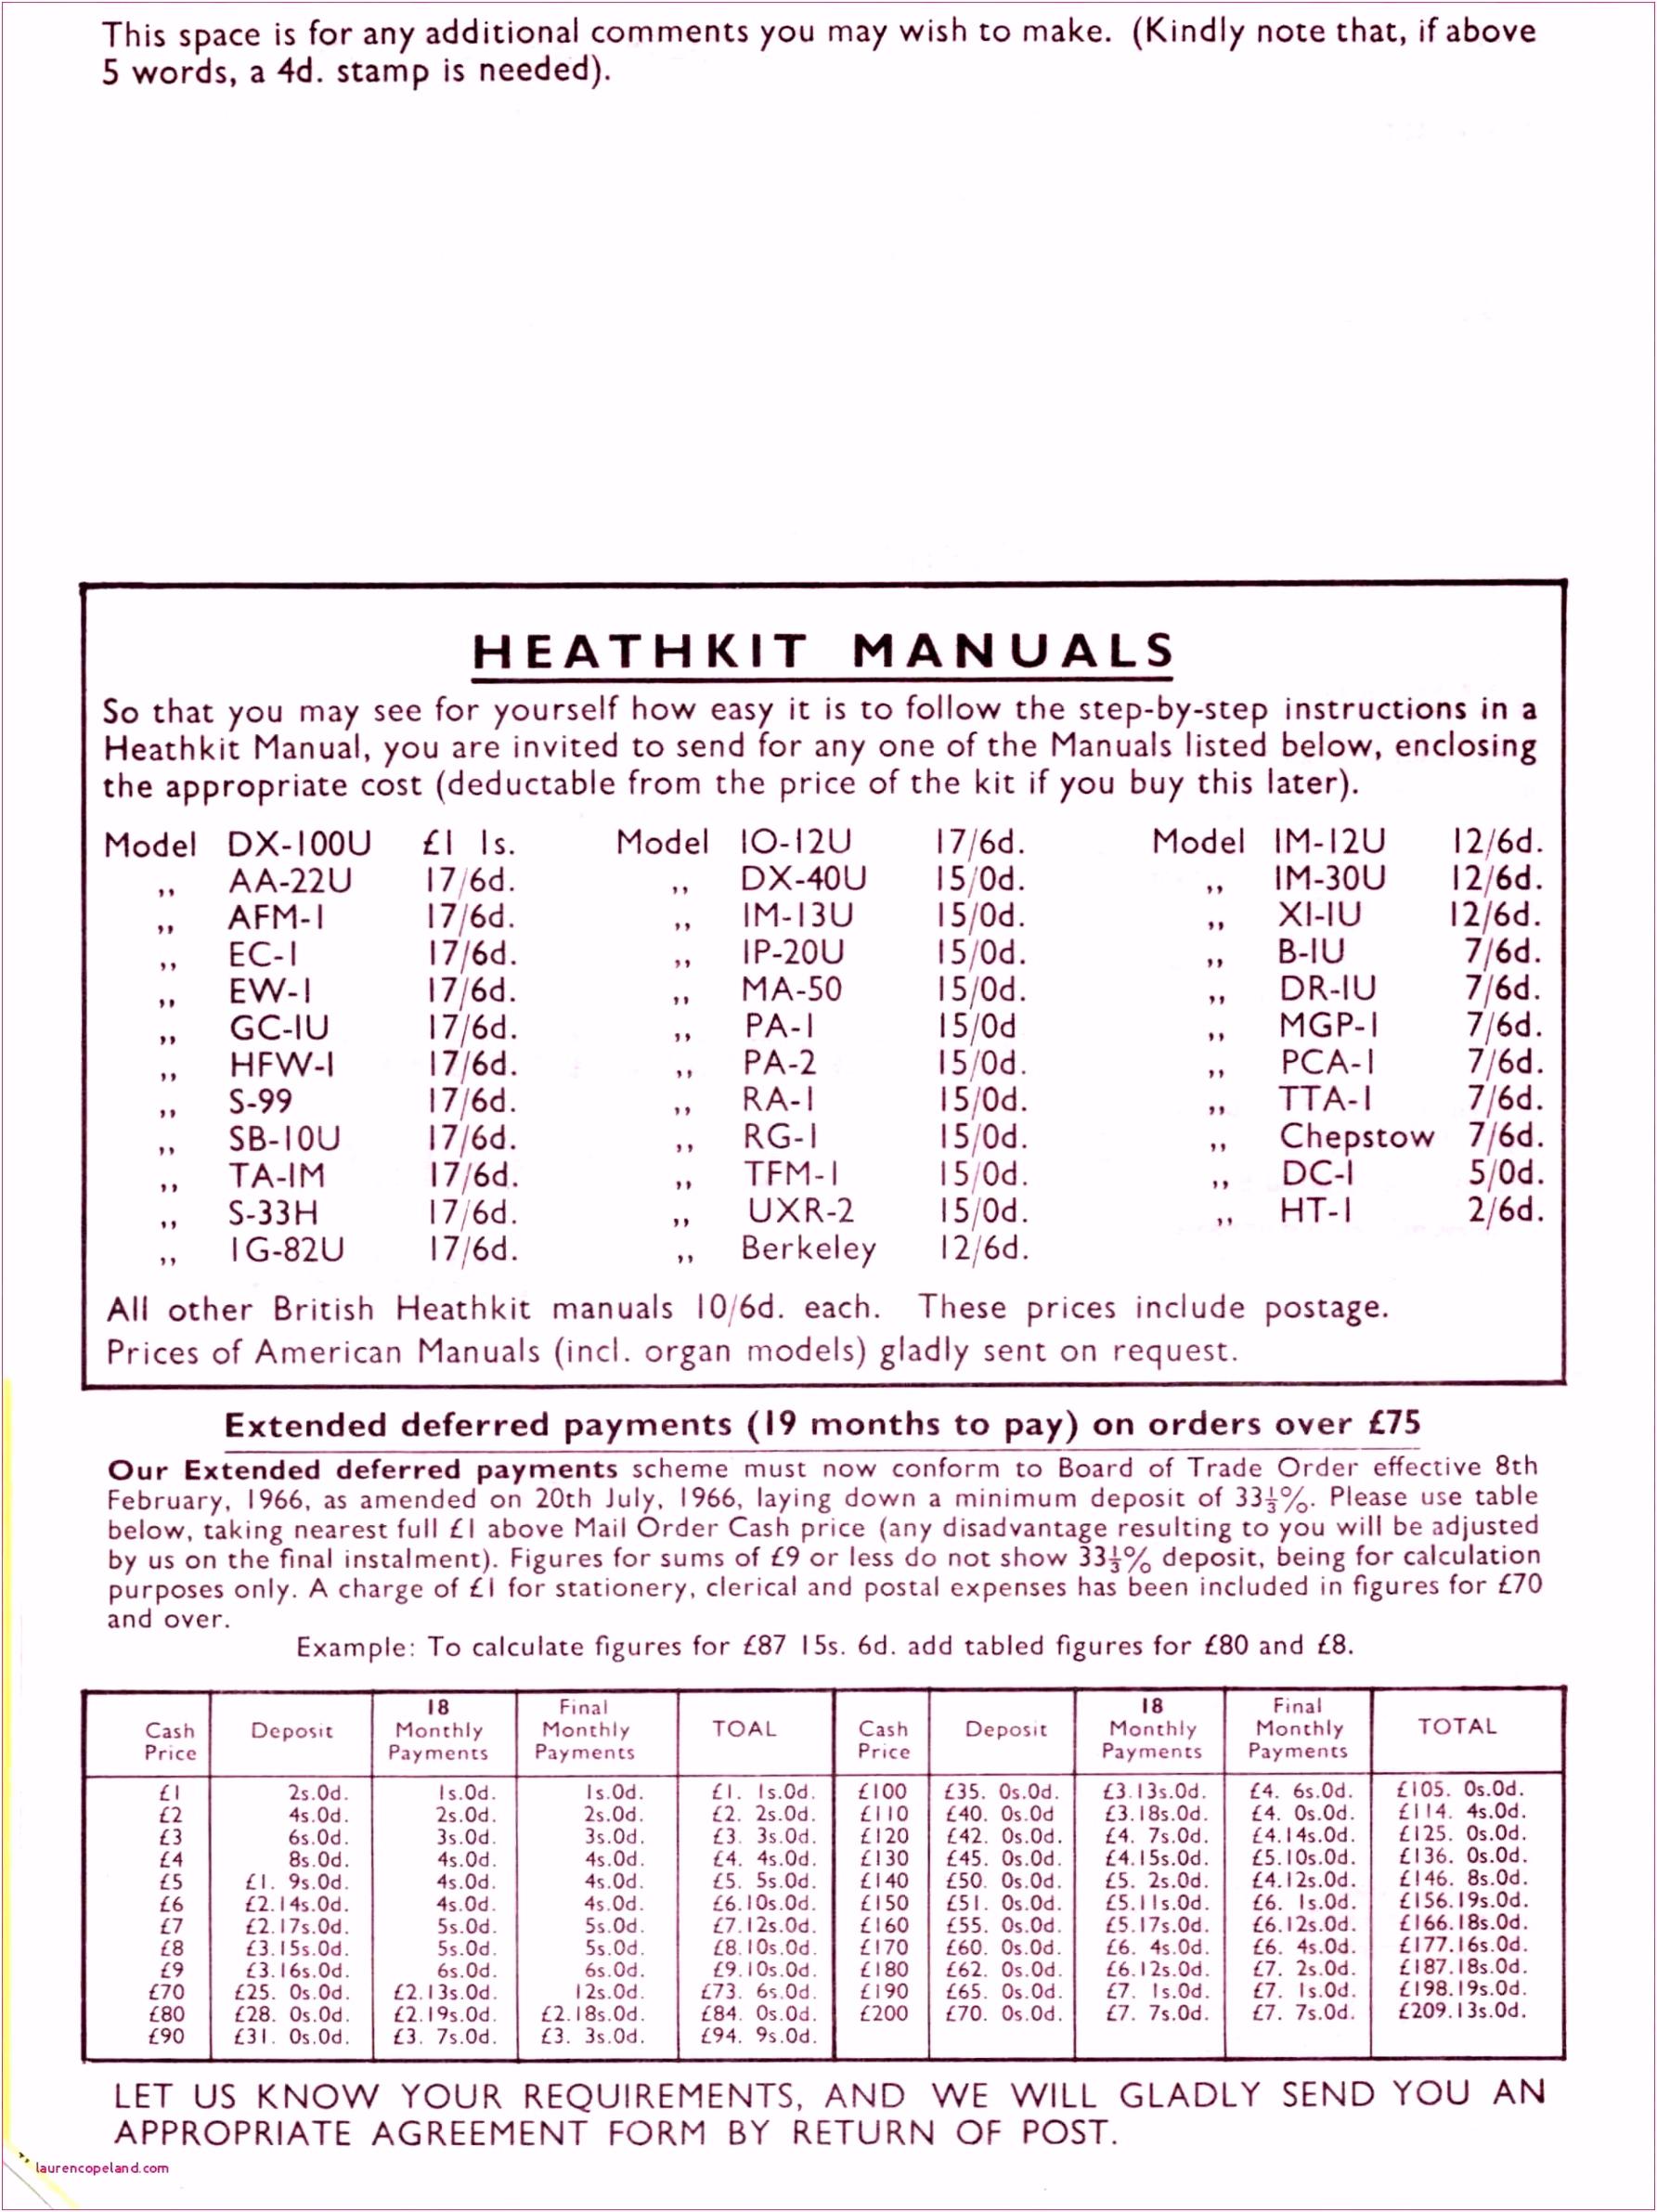 Vorlage Rechnung Openoffice Vorlage Rechnung Kleinunternehmer Einzigartig Vorlage Rechnung Excel A5ua36brv3 H4hbhvpcg4